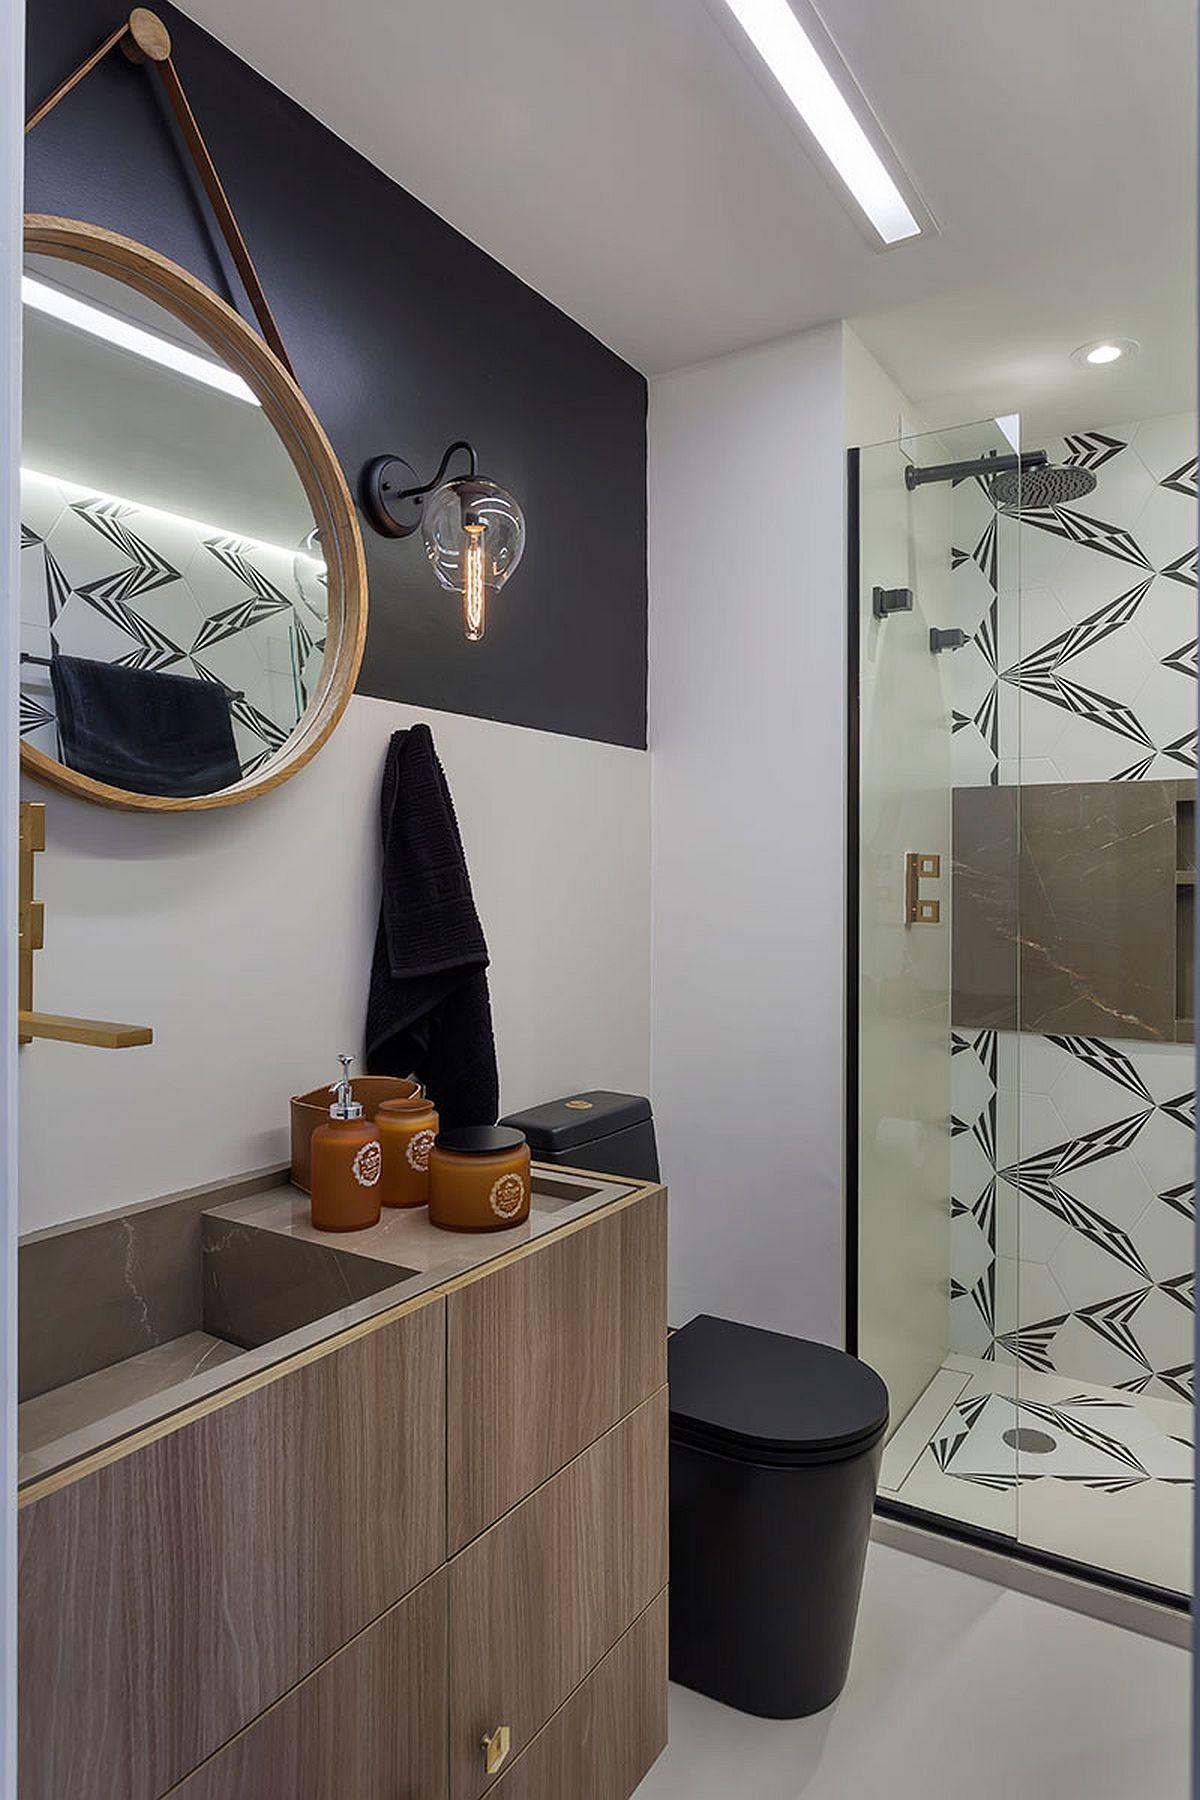 Baia este amenajată cu strictul necesar, dar aspectu general este unul actual grație mobilierului realizat pe comandă, vasului de toaletă negru și a placării în zona cabinei de duș cu plăci cu desen grafic.